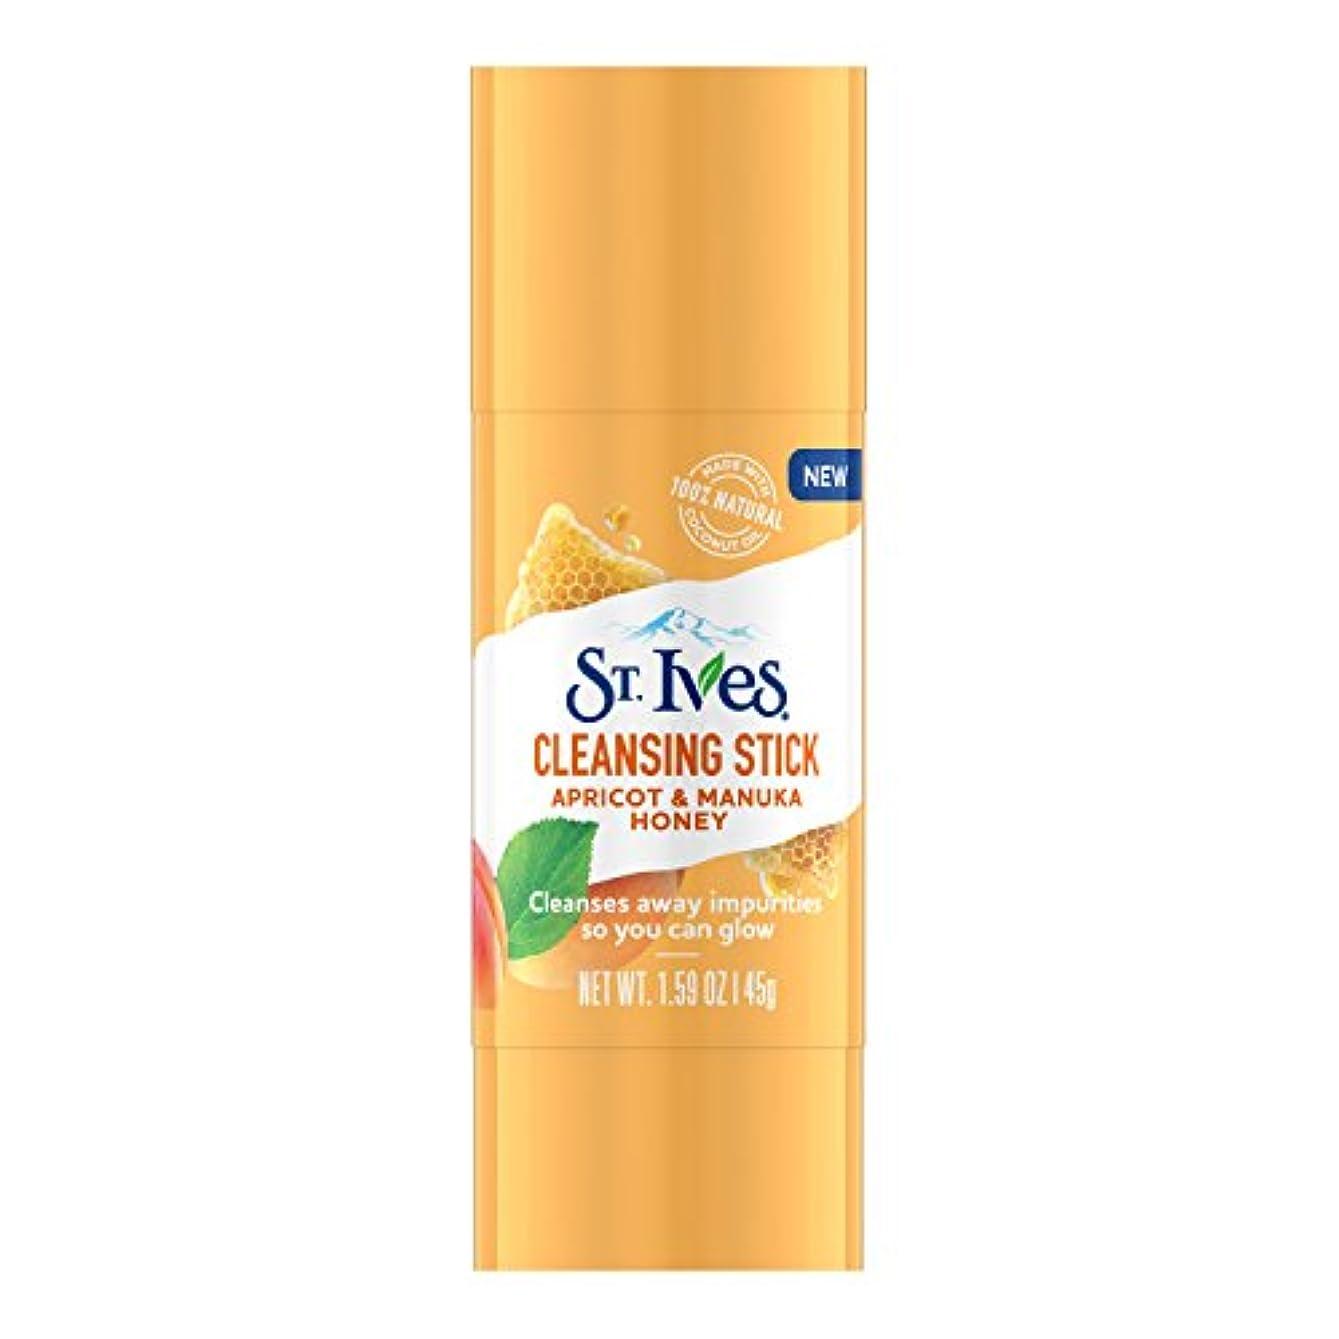 居住者賭け誘惑St. Ives クレンジングスティック 最新コリアンビューティートレンド 100%ナチュラルココナッツオイルを使った楽しい新しい形の洗顔 45グラム (アプリコット&マヌカハニー)